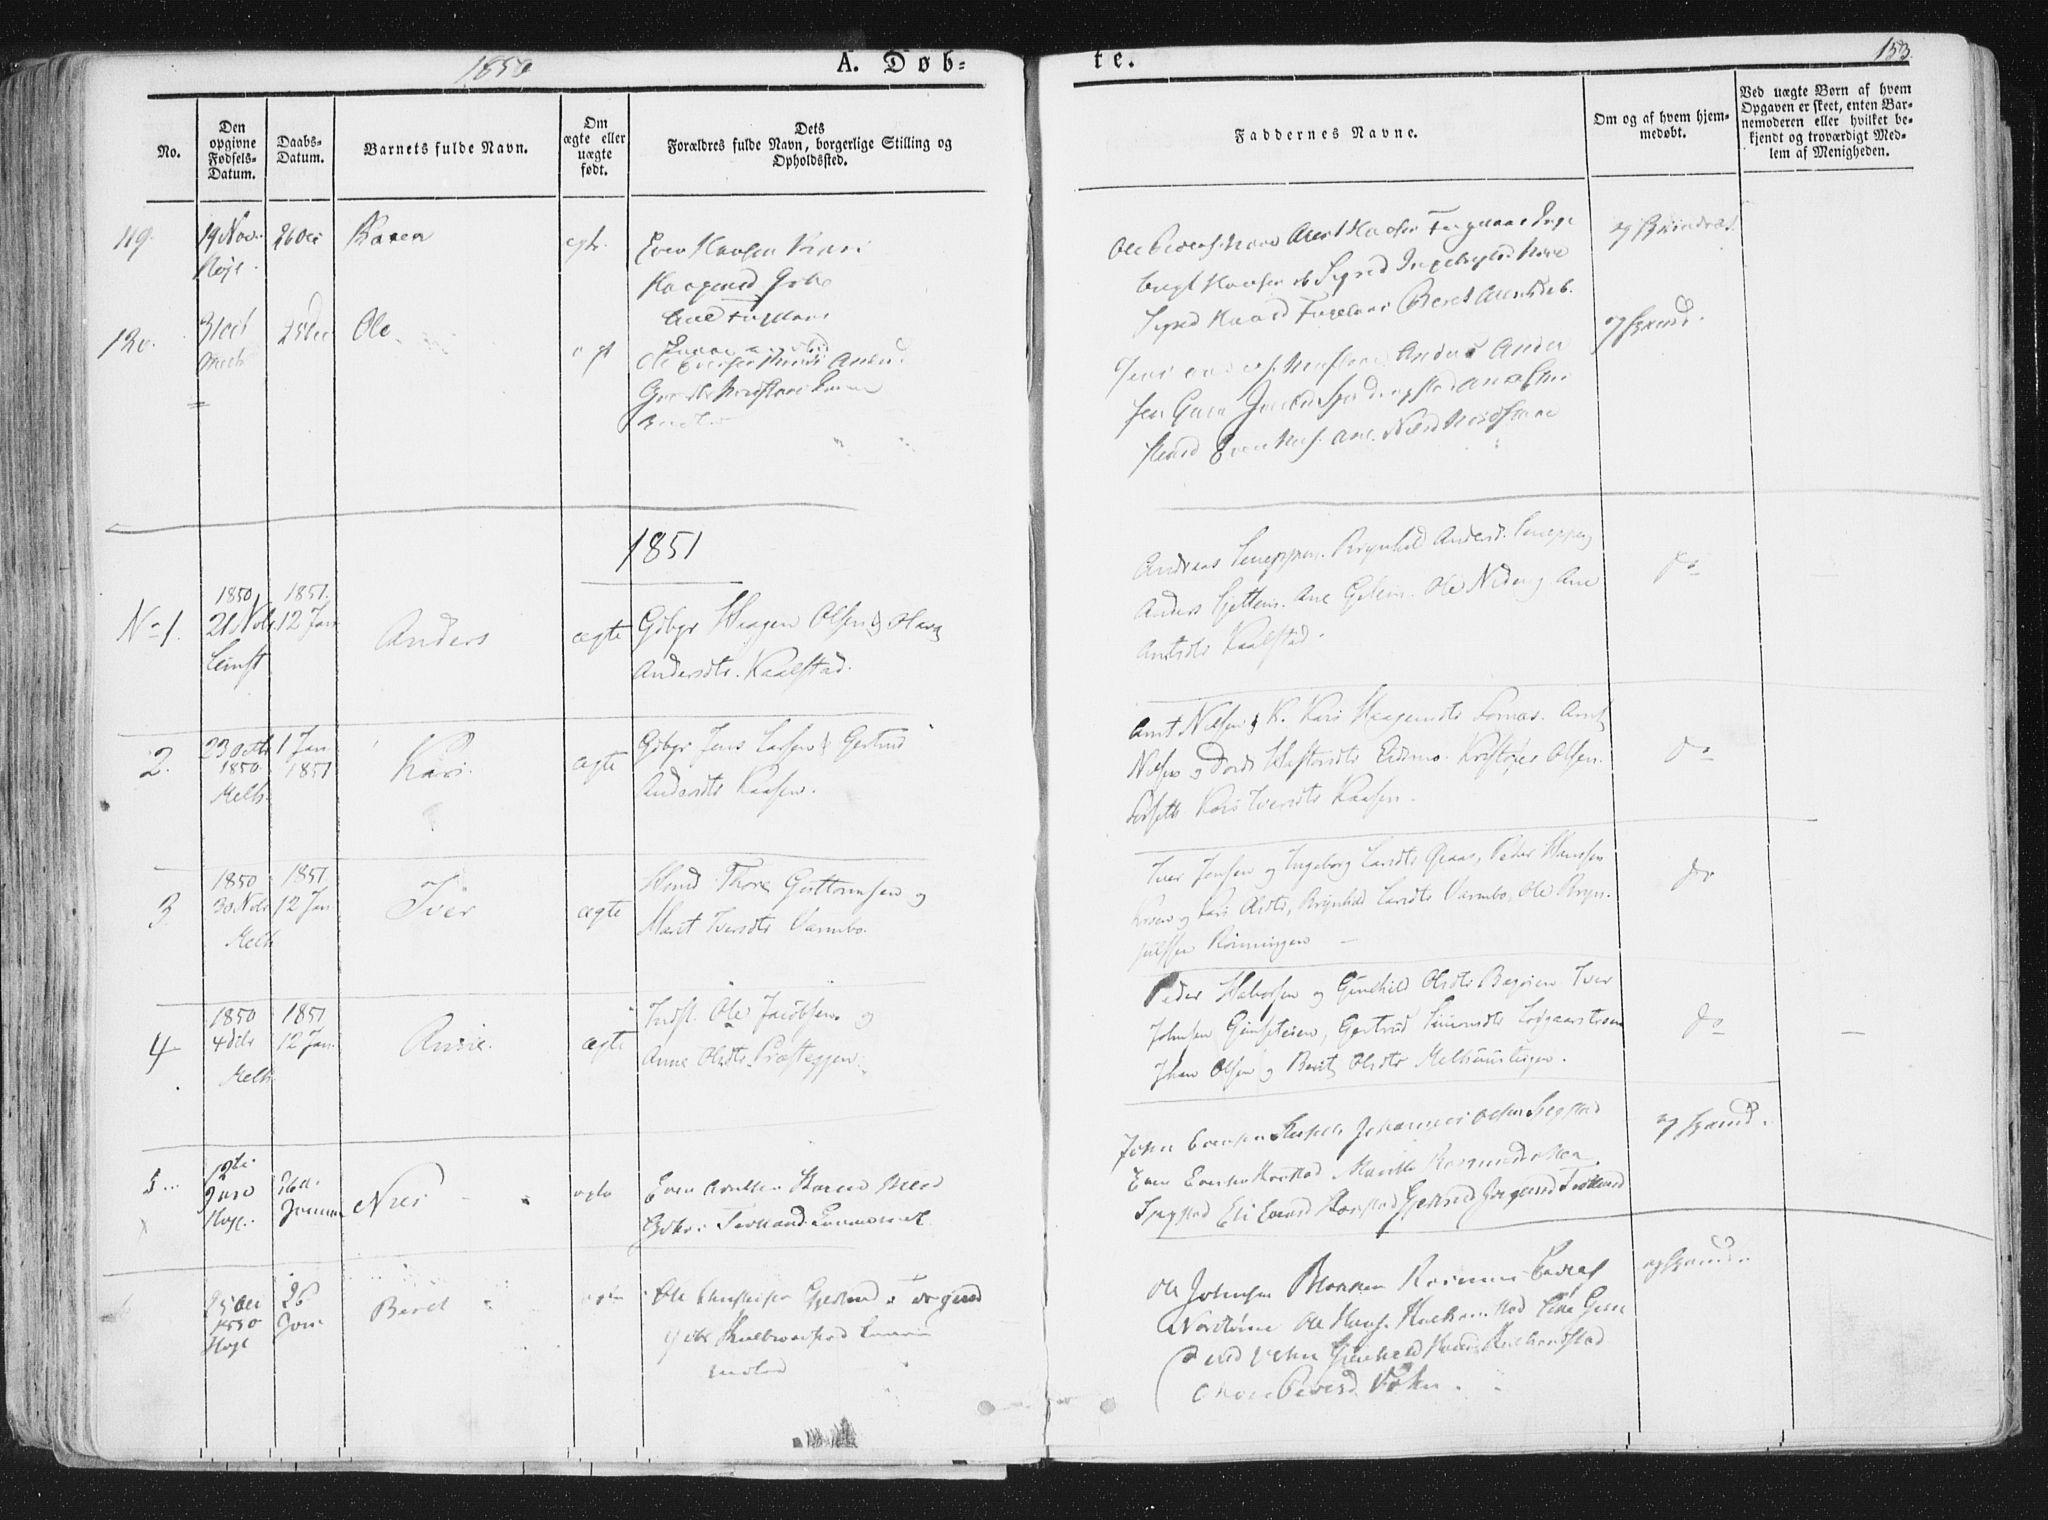 SAT, Ministerialprotokoller, klokkerbøker og fødselsregistre - Sør-Trøndelag, 691/L1074: Ministerialbok nr. 691A06, 1842-1852, s. 153